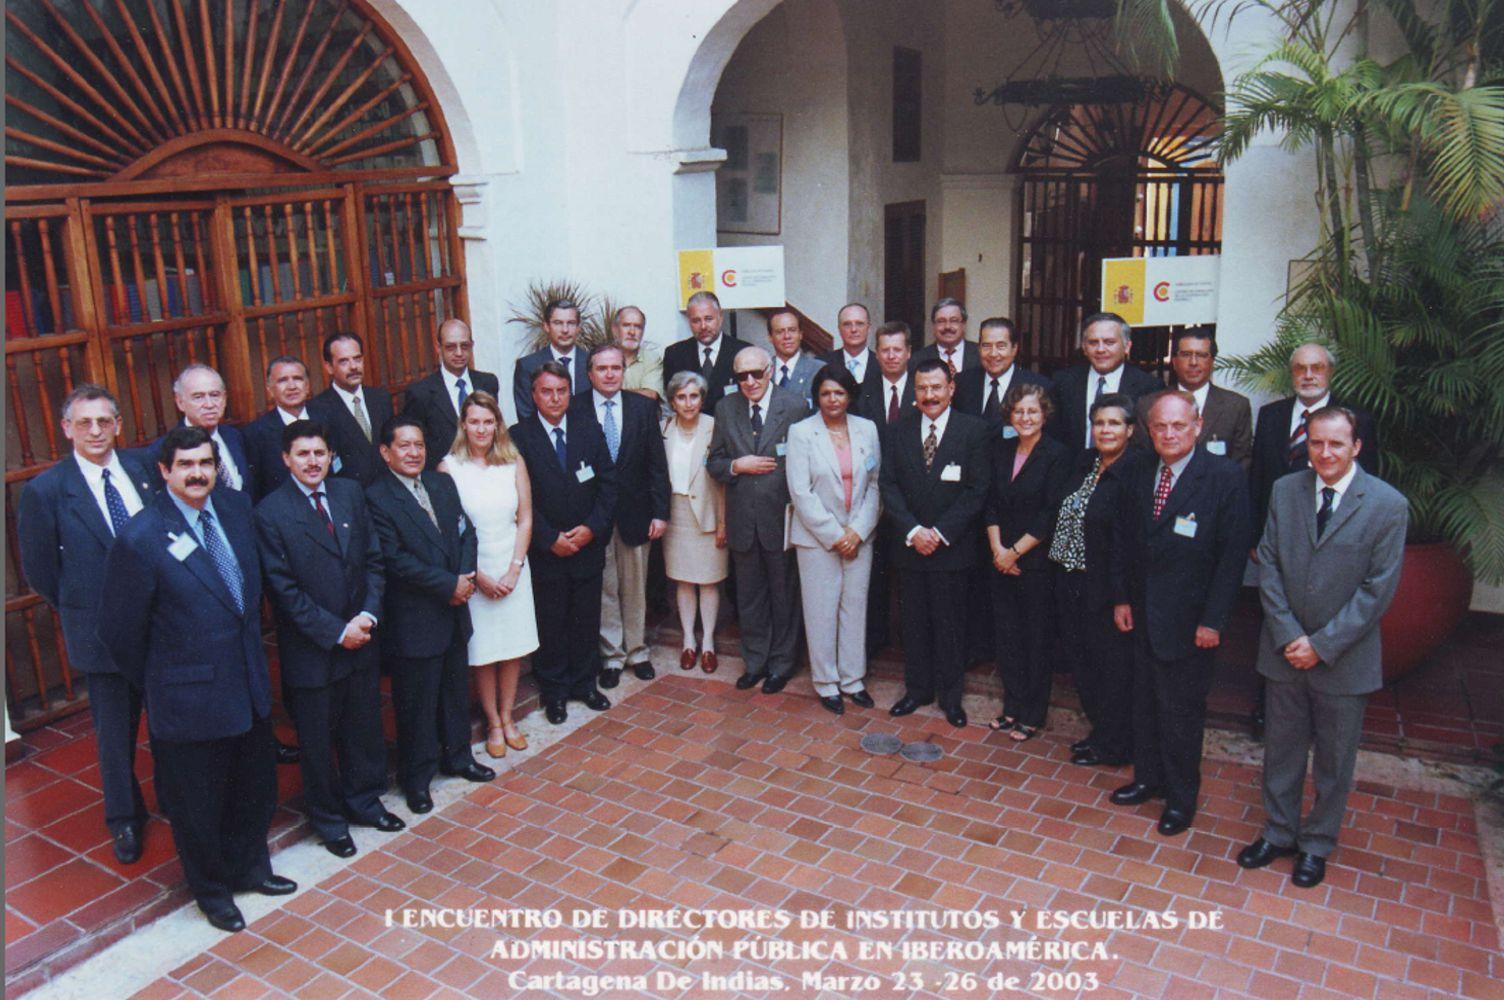 Foto de grupo: 23 de Marzo de 2003 en Cartagena de Indias (Colombia)